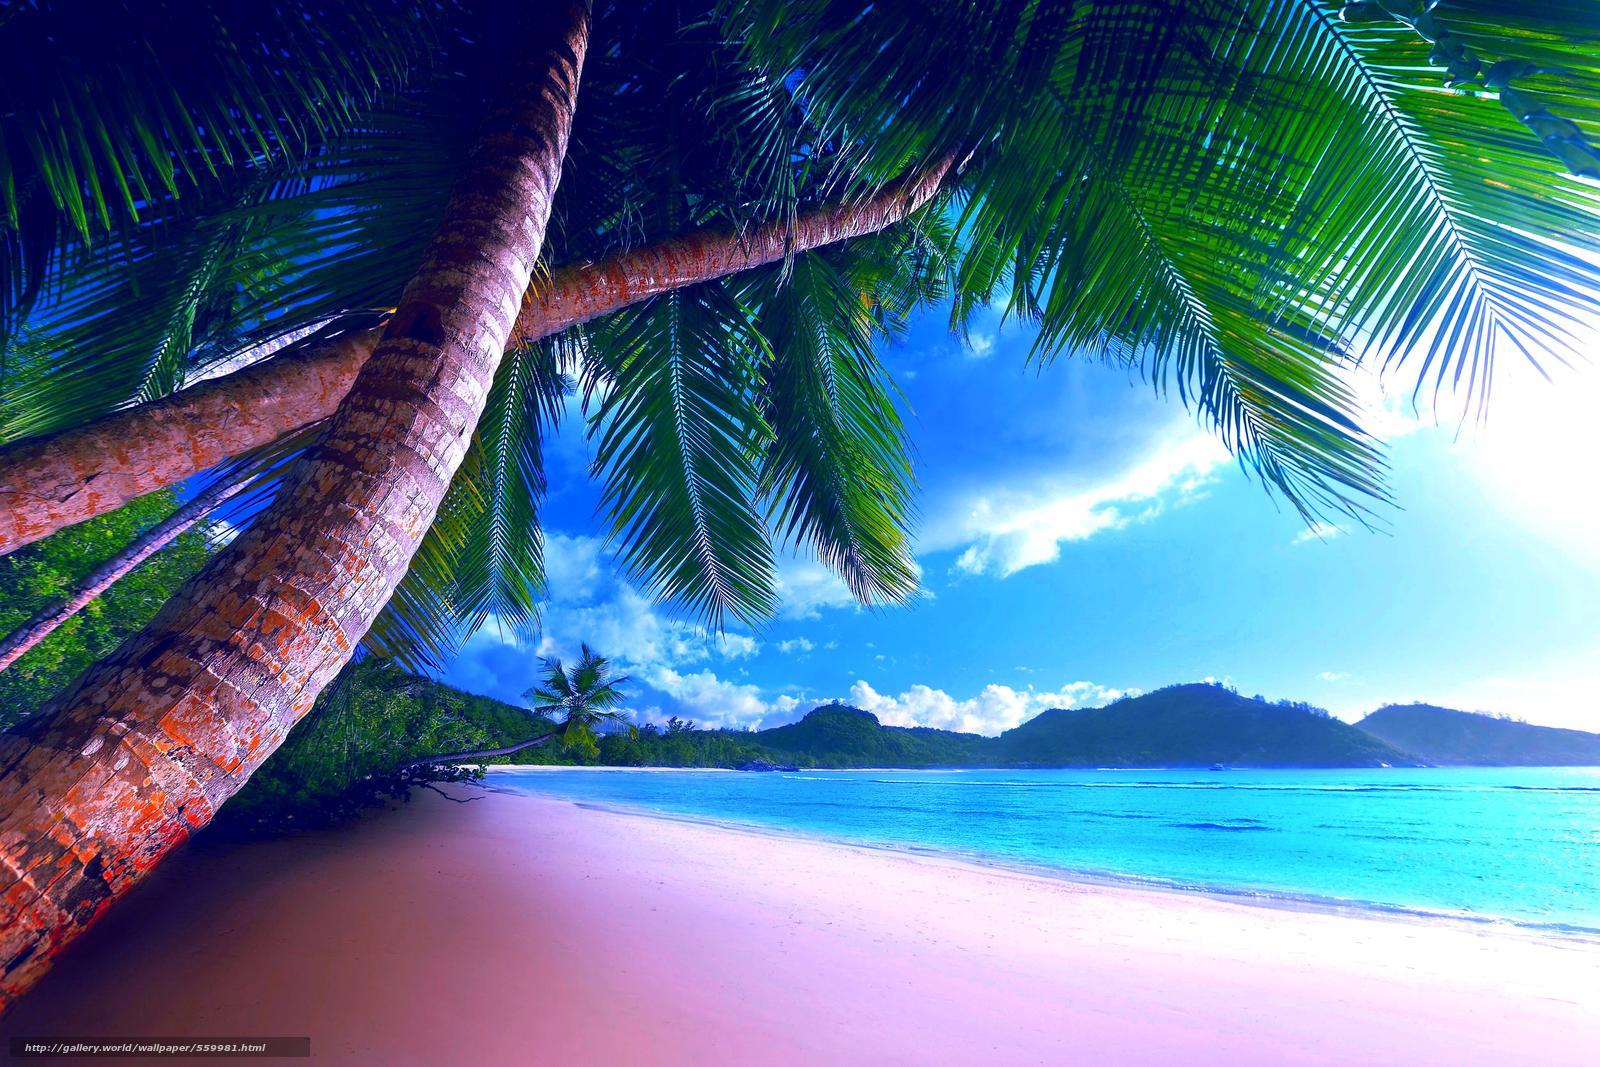 Tlcharger fond d 39 ecran c te d 39 plage paradise t fonds for Fond ecran plage gratuit